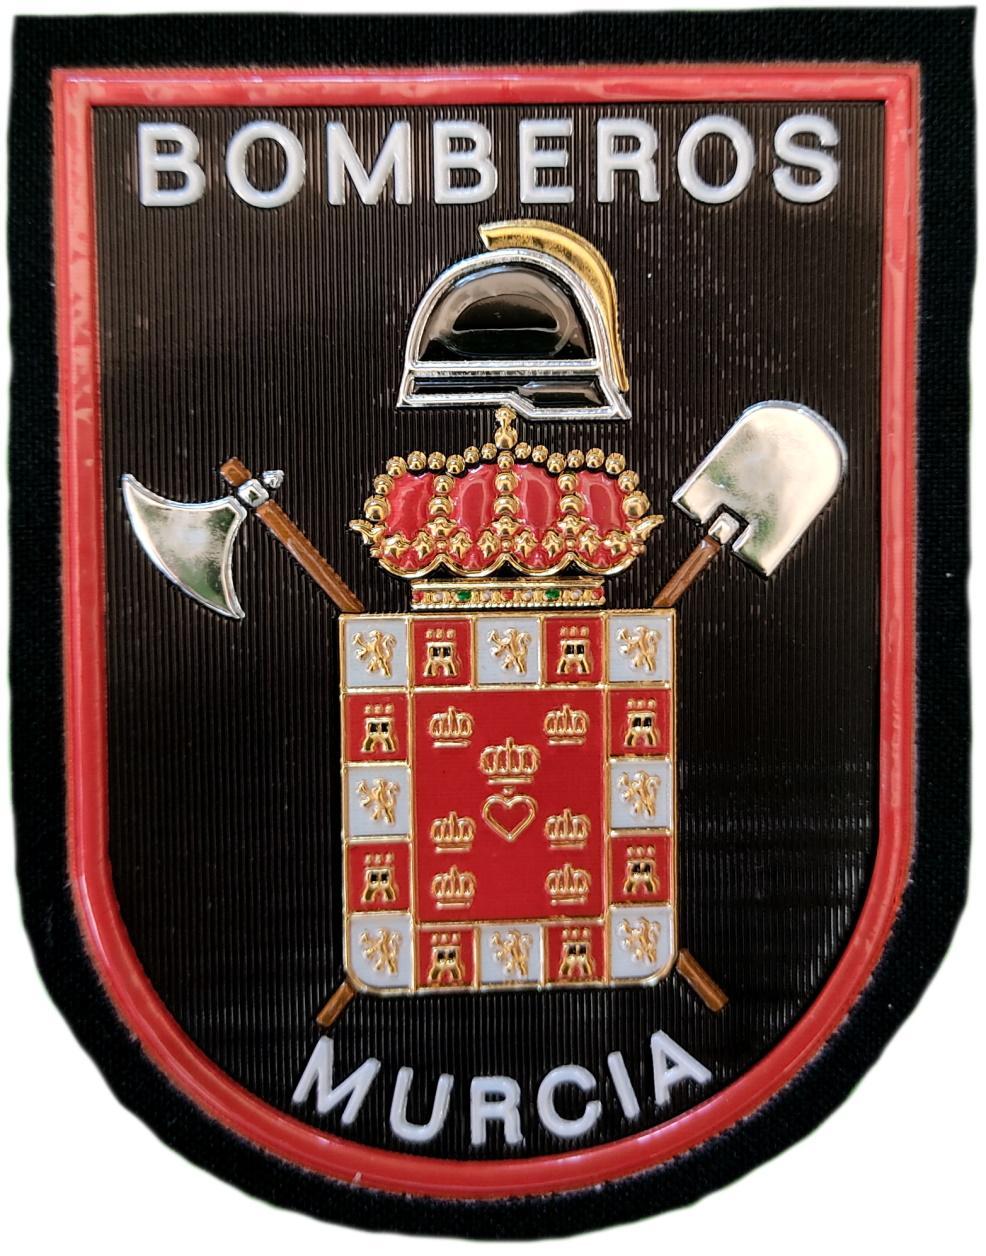 Bomberos de la ciudad de Murcia parche insignia emblema distintivo